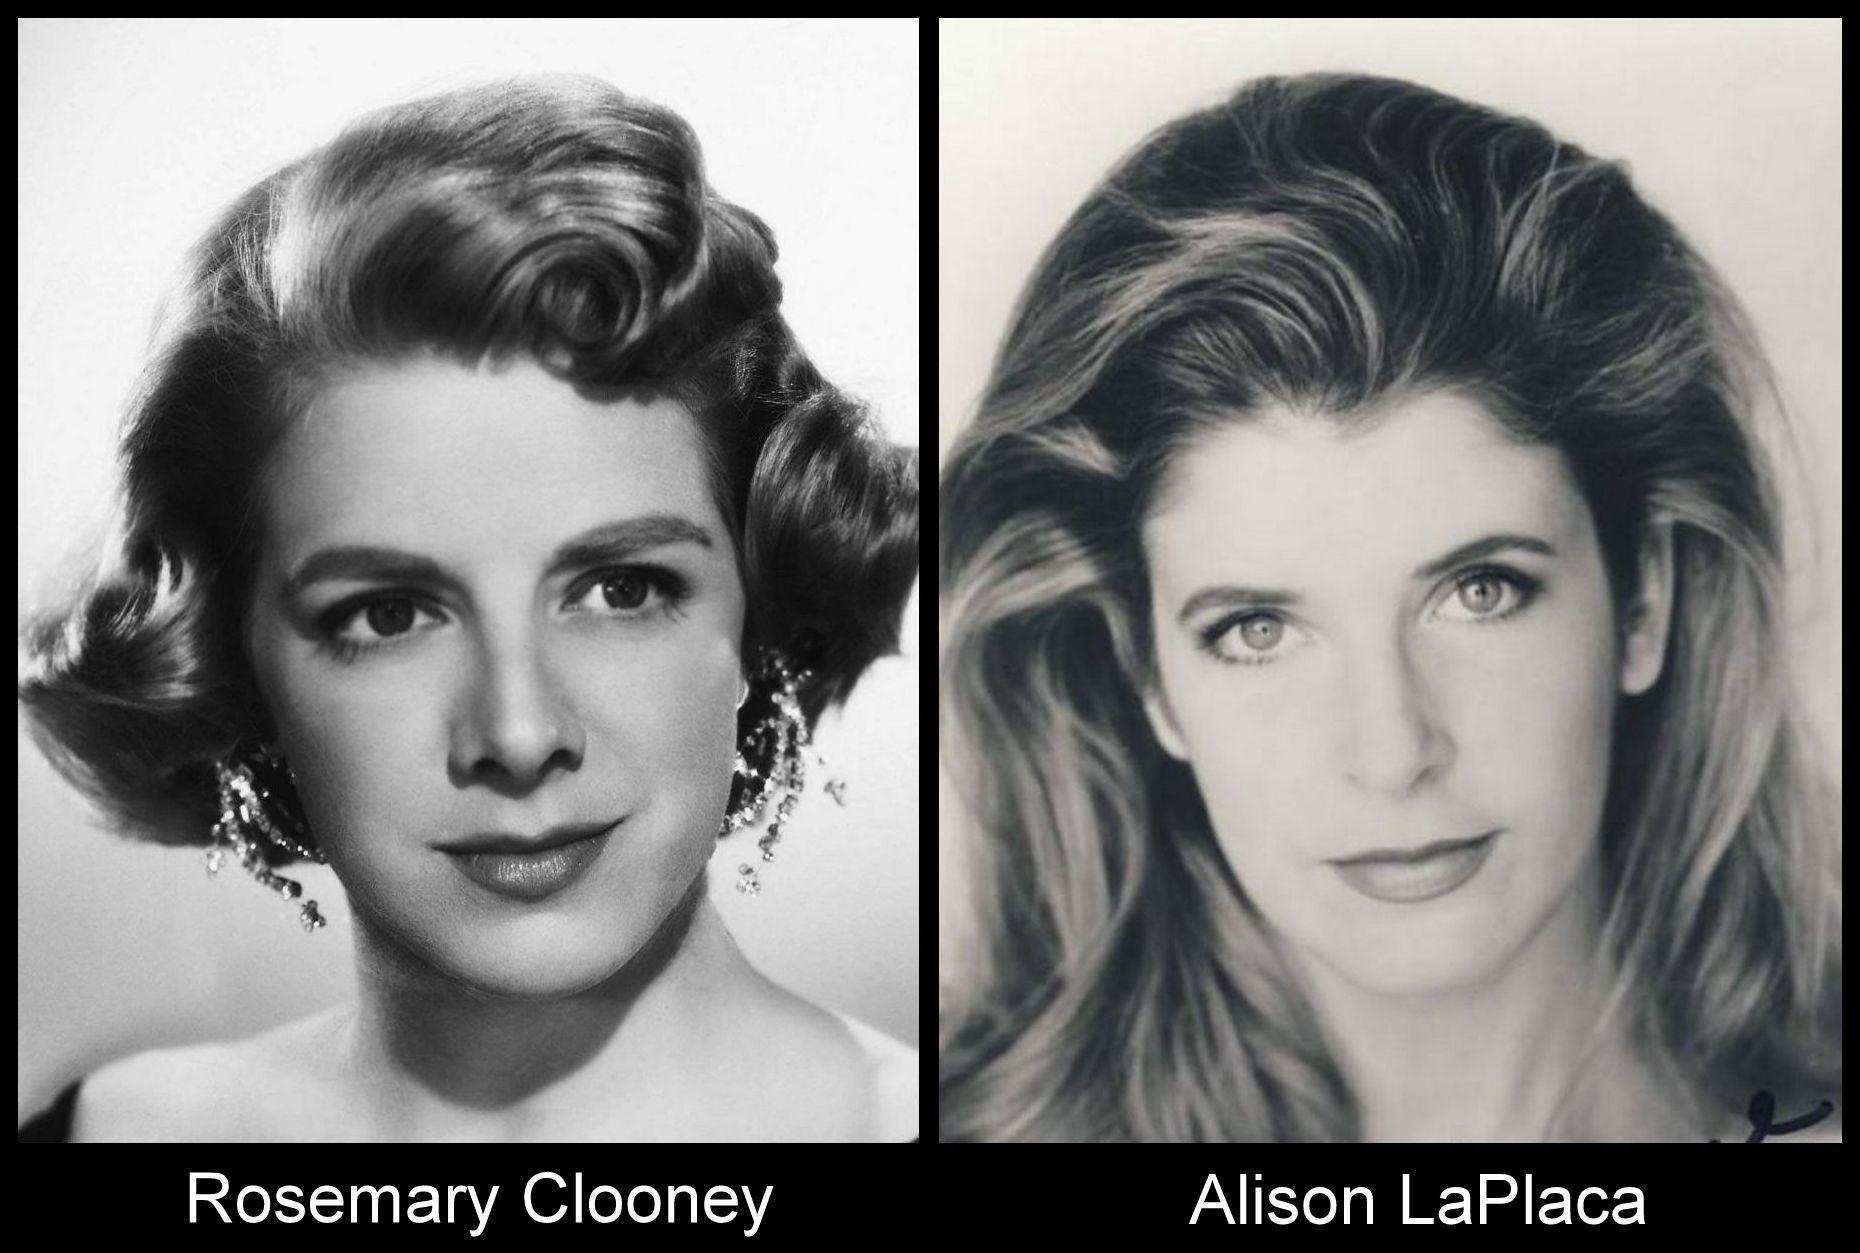 Alison LaPlaca Alison LaPlaca new pictures